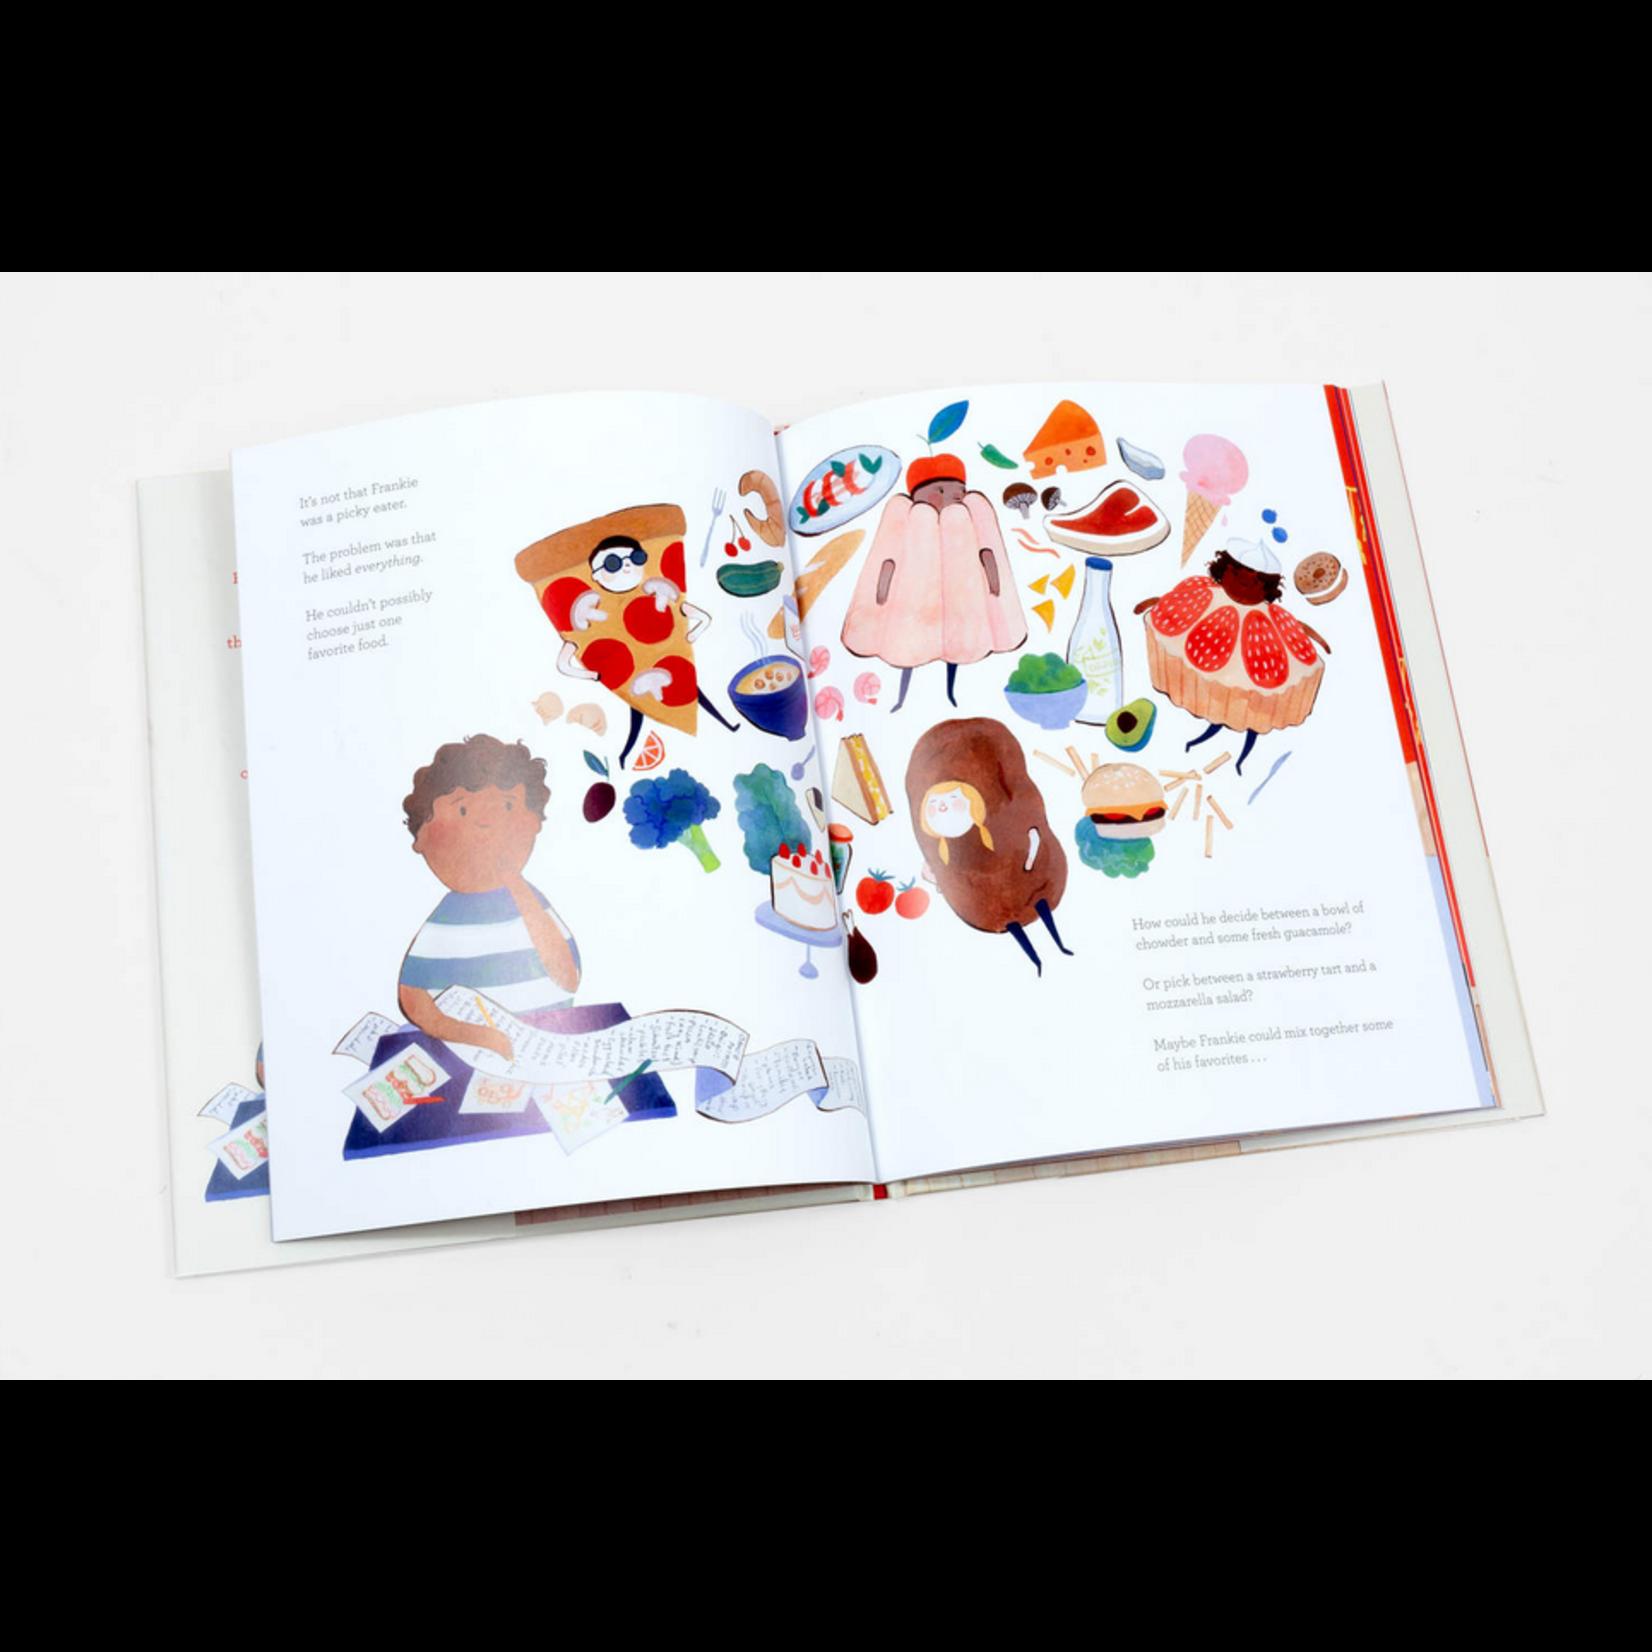 Kelsey Garrity Riley Frankie's Favorite Food Book - Kelsey Garrity Riley